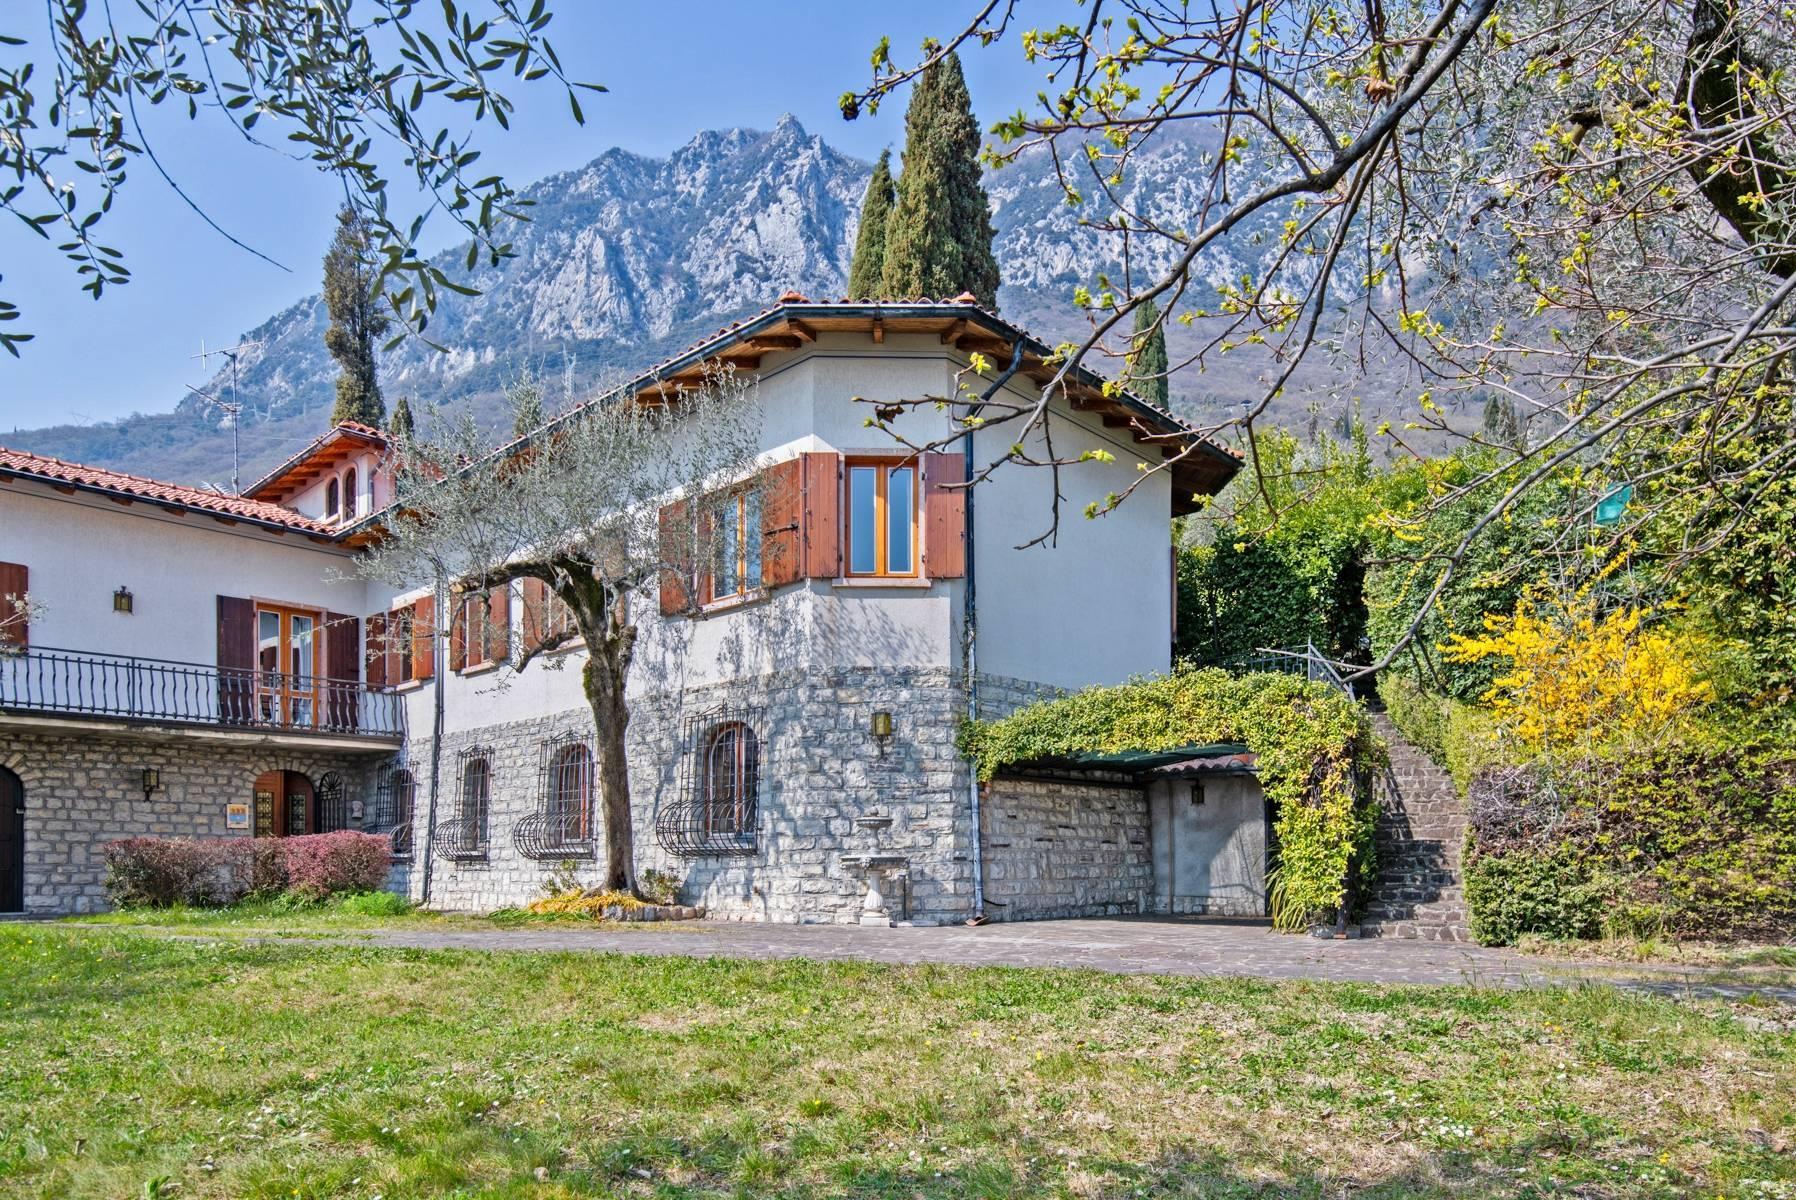 Villa in Gargnano inmitten der Olivenbäume vom Gardasee mit herrlichem Seeblick - 34